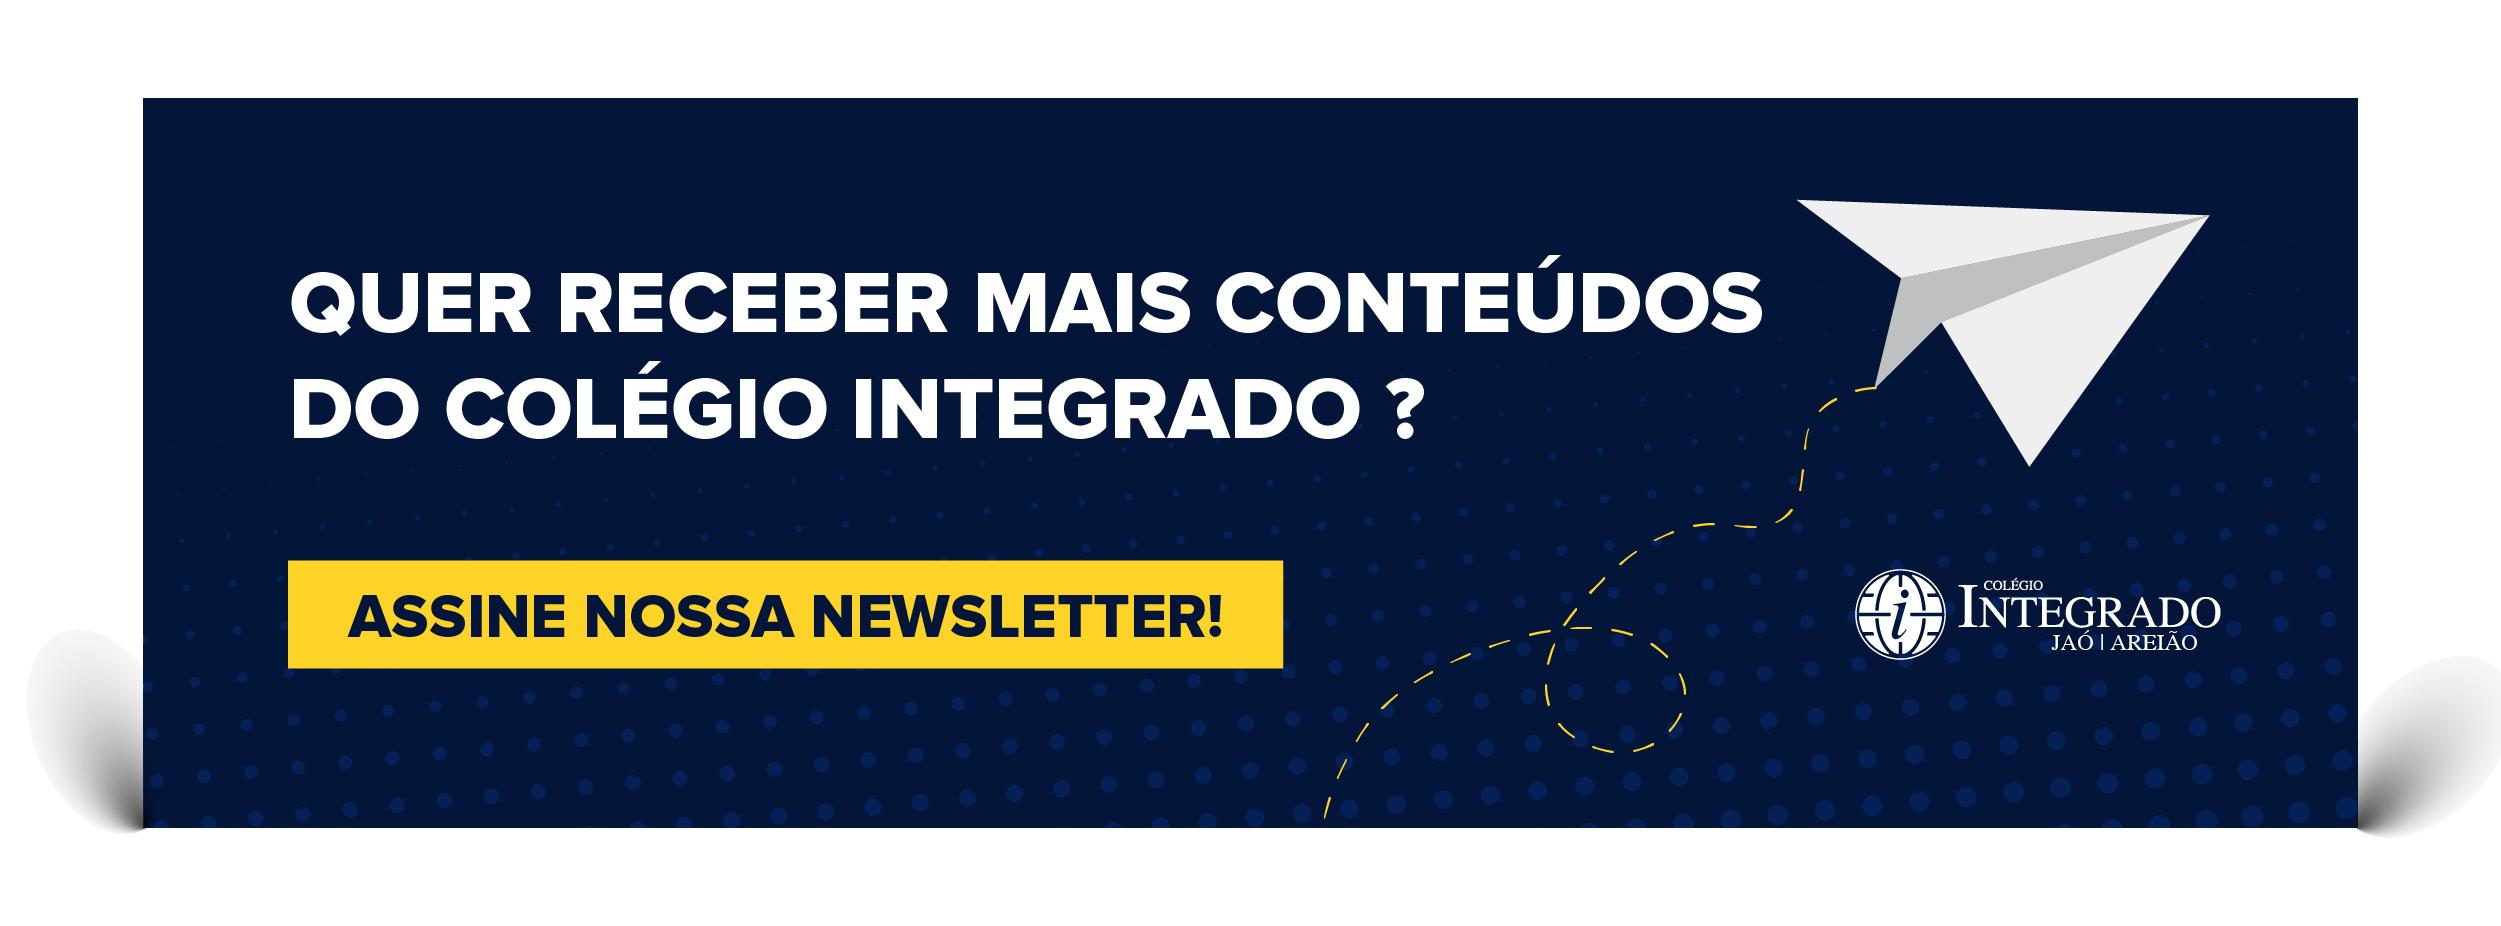 https://souintegrado.saber.com.br/blog